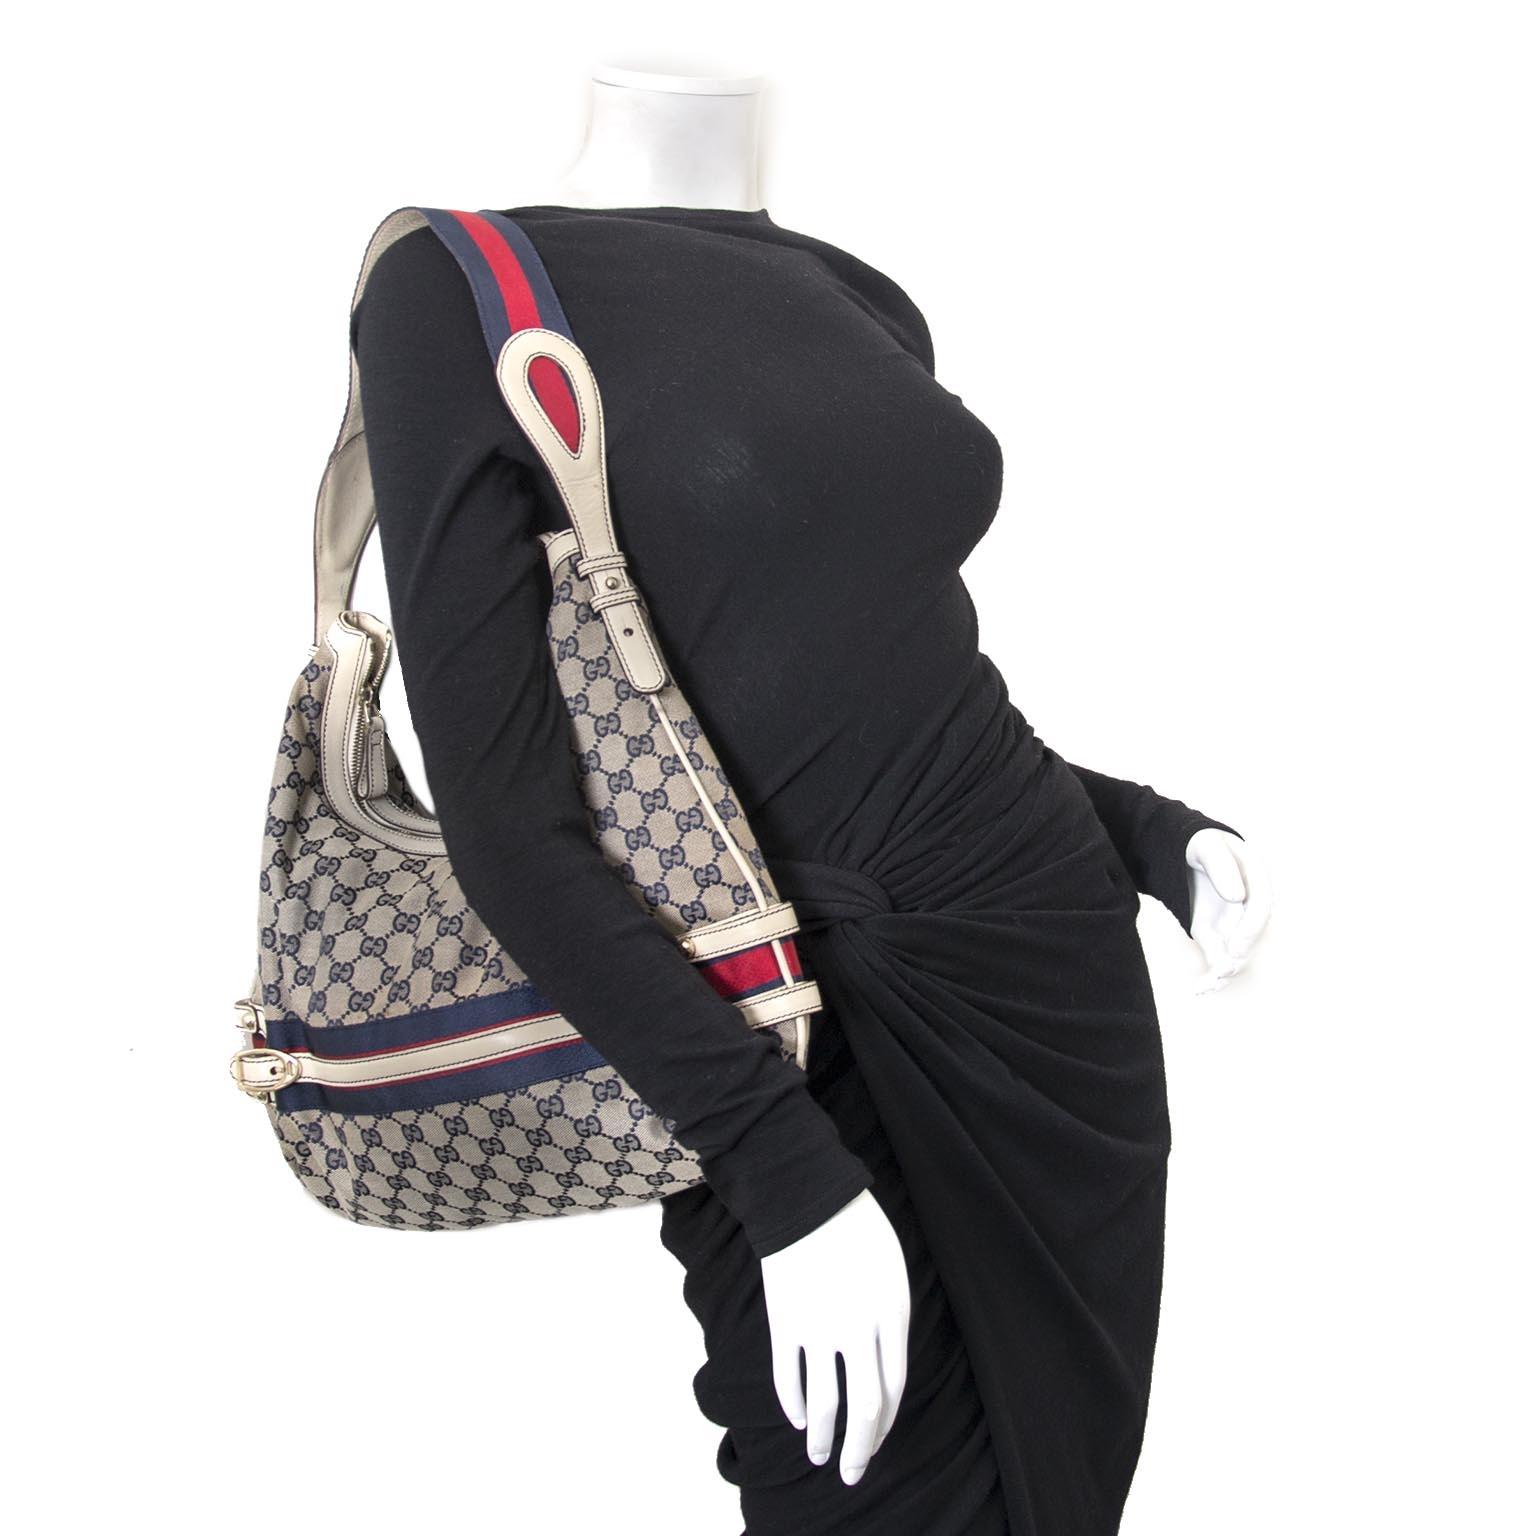 acheter en ligne chez labellov.com pour le meilleur prix Gucci bleu Monogram Canvas sac a epole